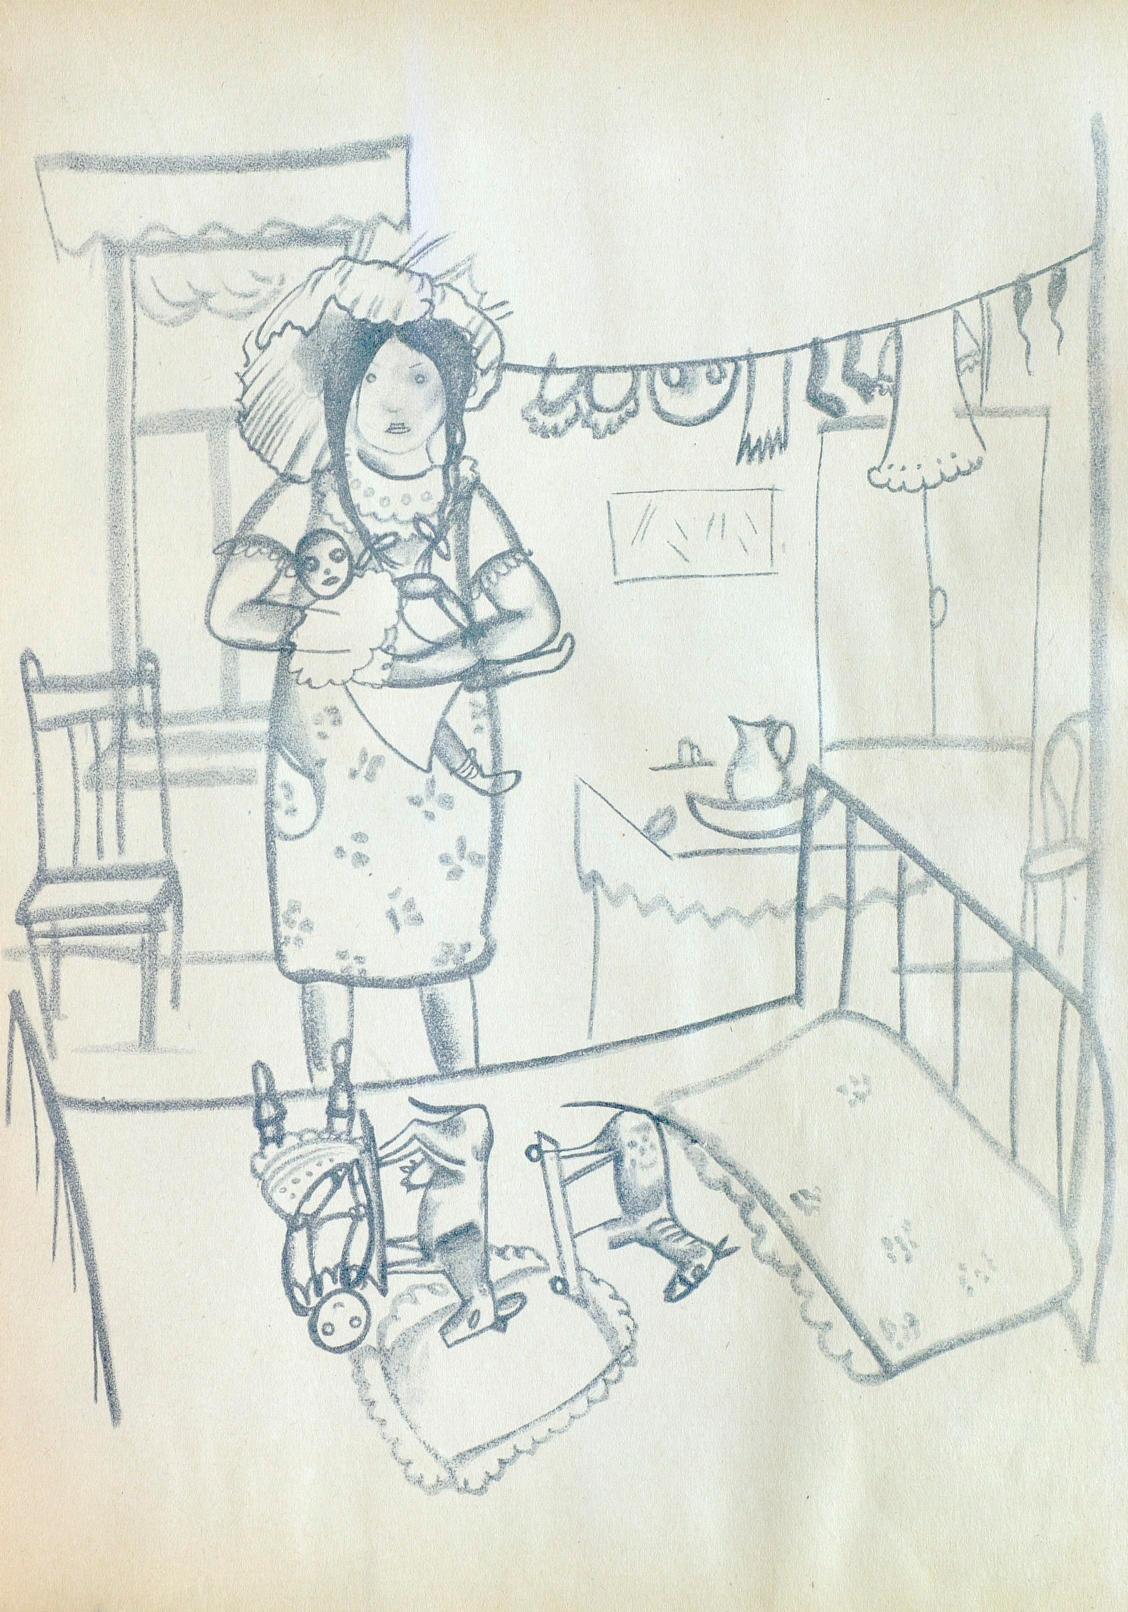 Иллюстрация Бориса Григорьева для книги «Детский остров» Саши Черного (1921, Берлин-Данциг (номин.), изд-во «Слово» )